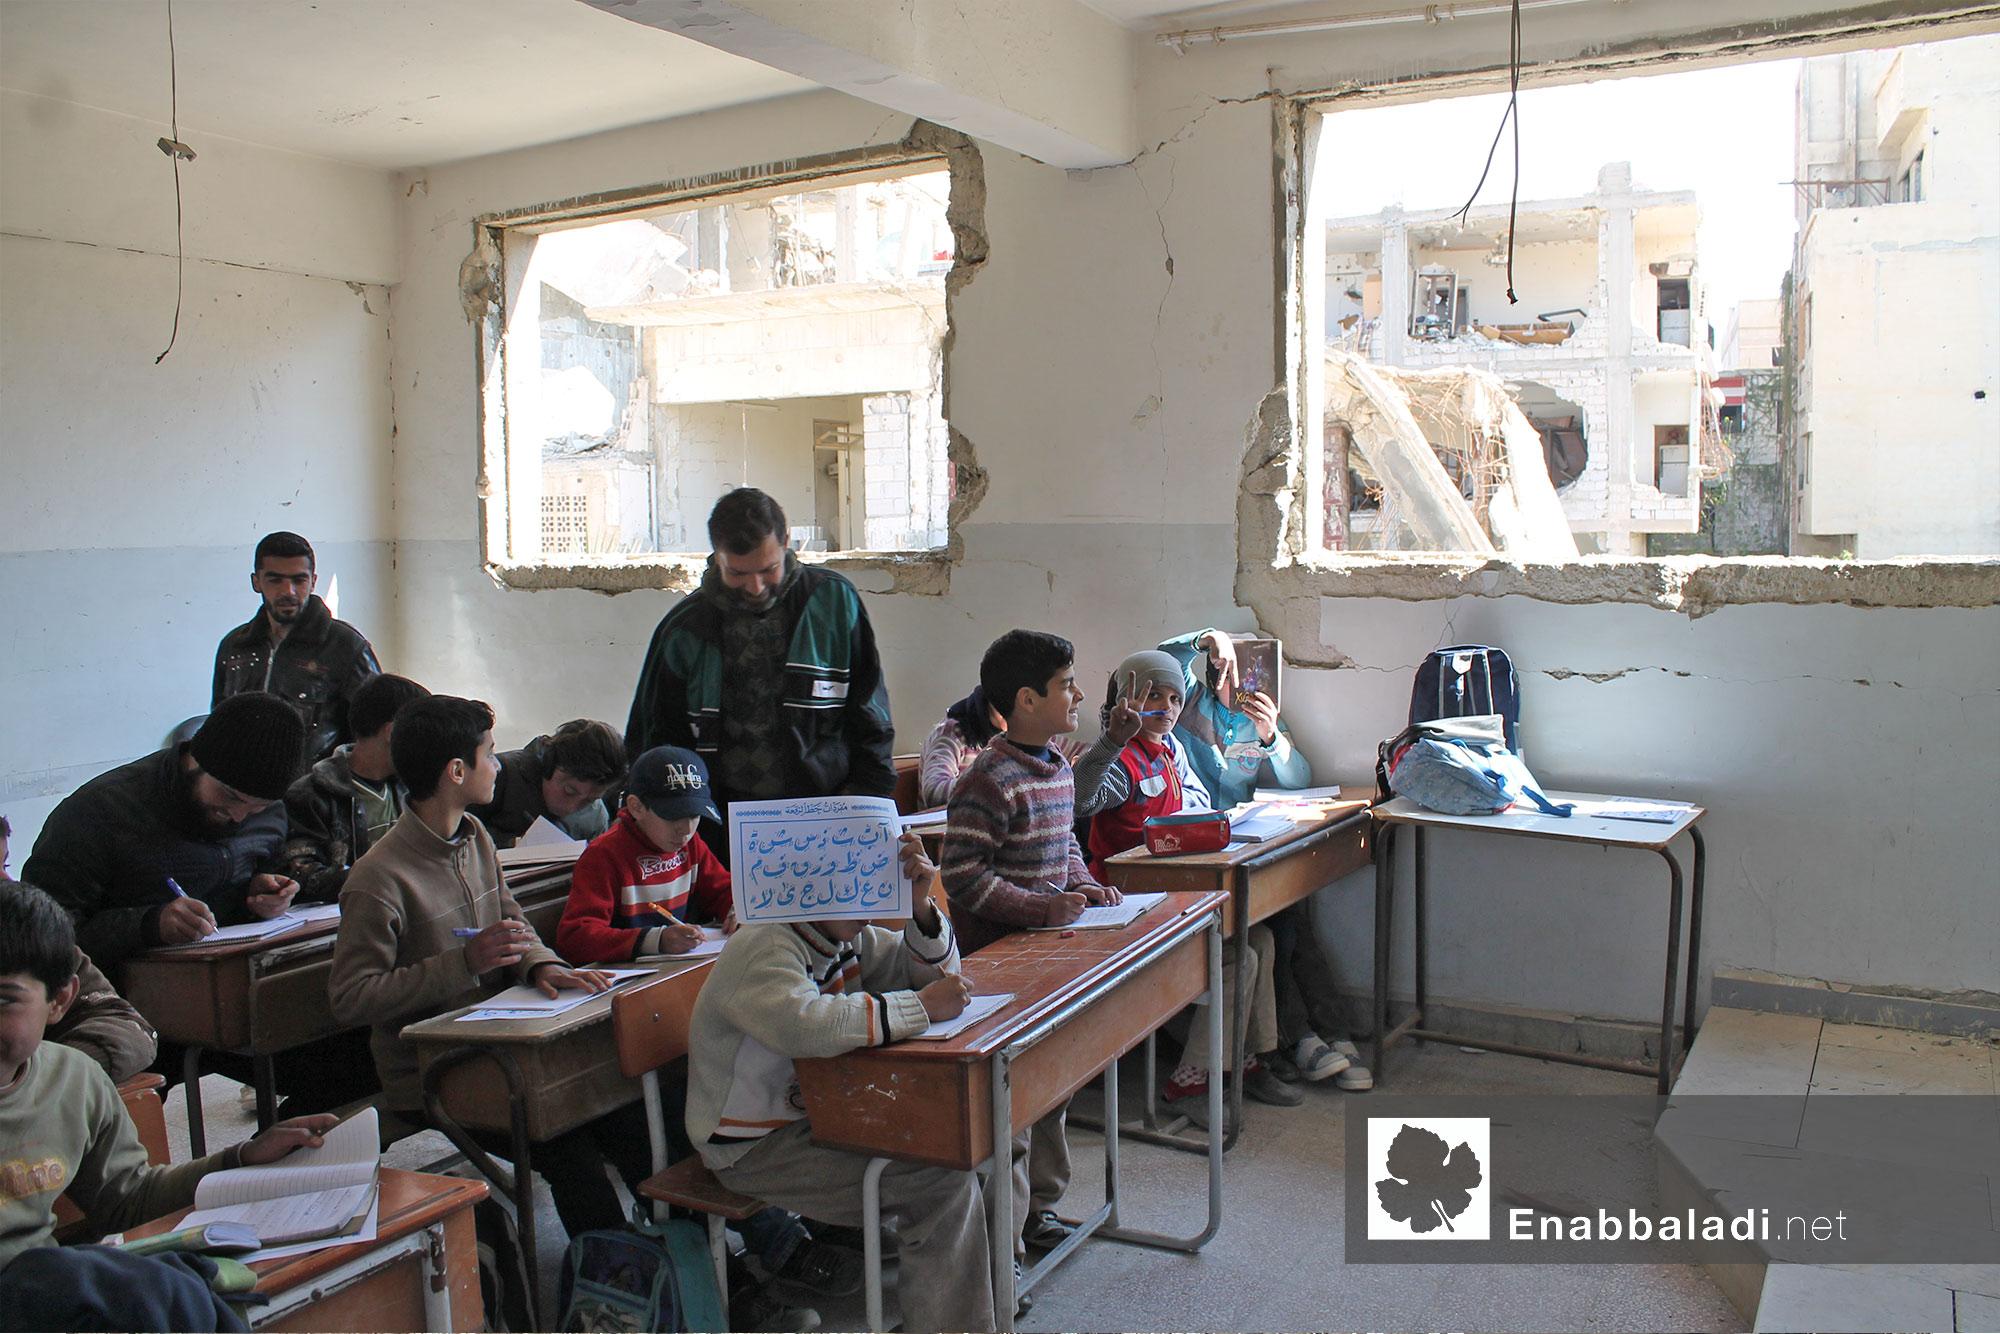 أطفال في مدرسة ابتدائية في داريا - 30 آذار 2016 - (عنب بلدي)